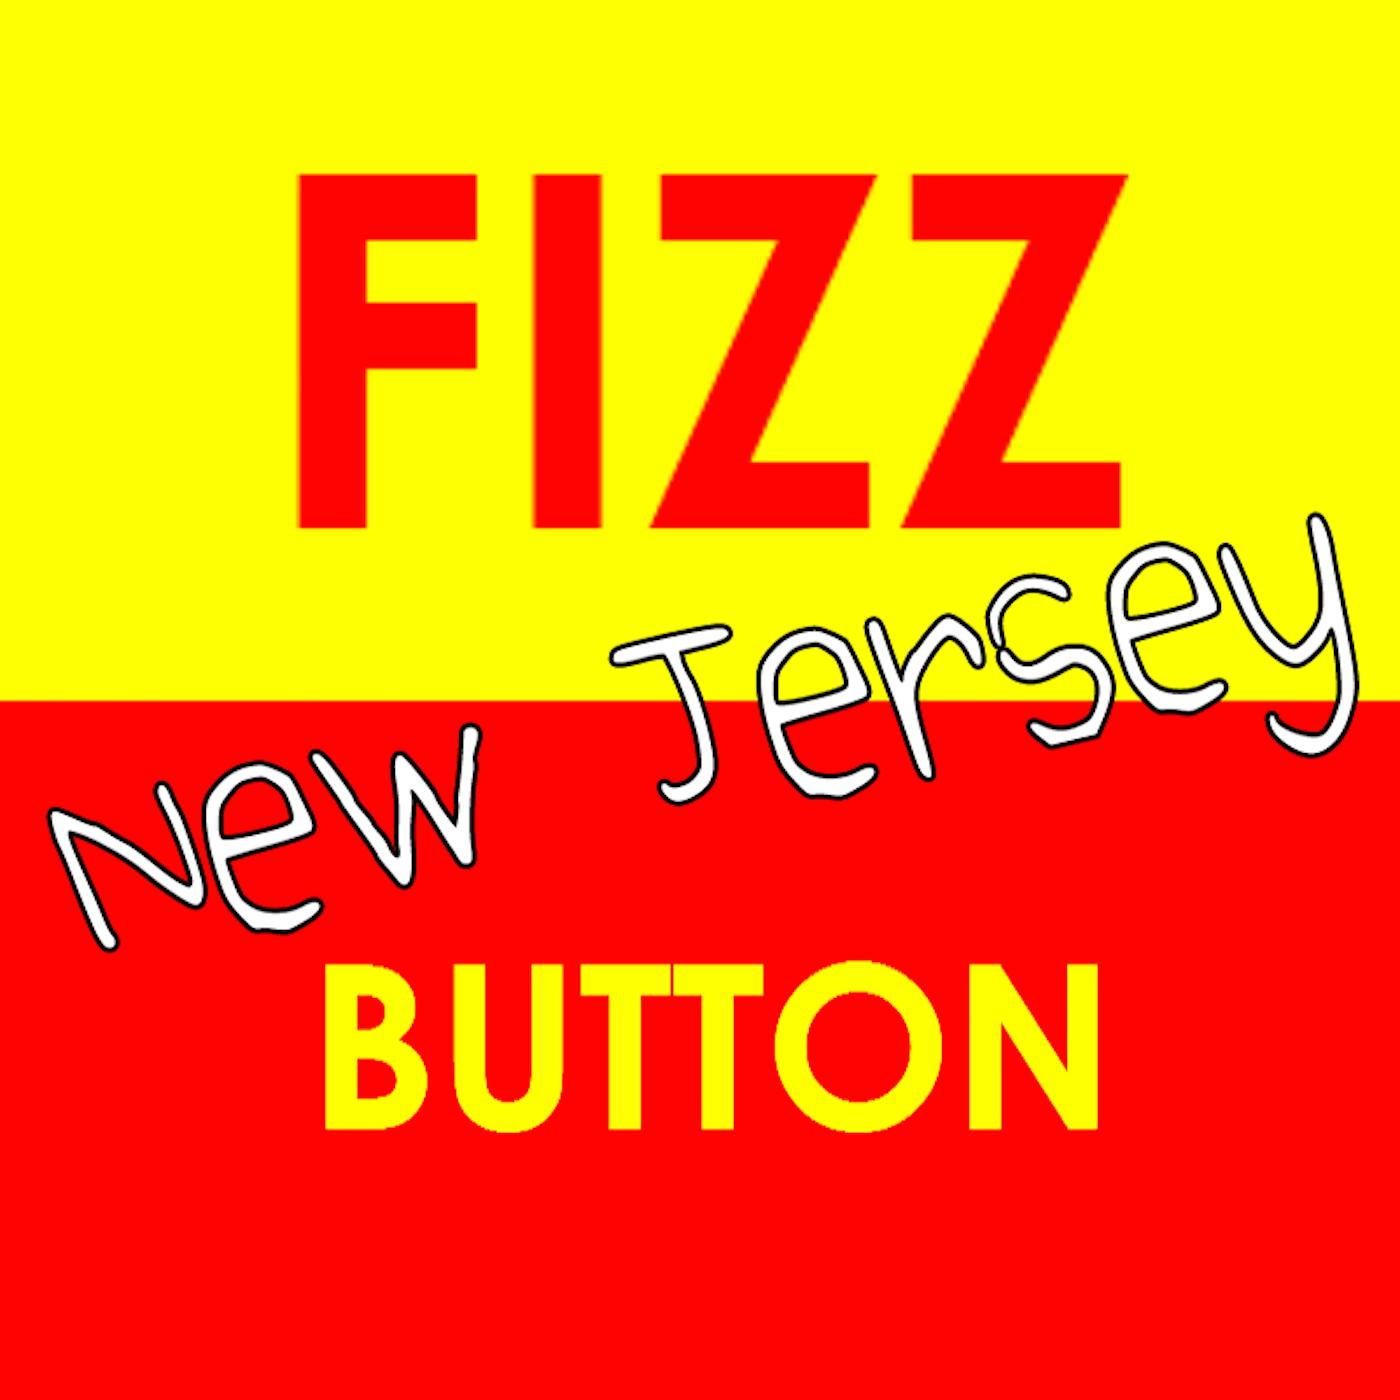 Fizz Button New Jersey